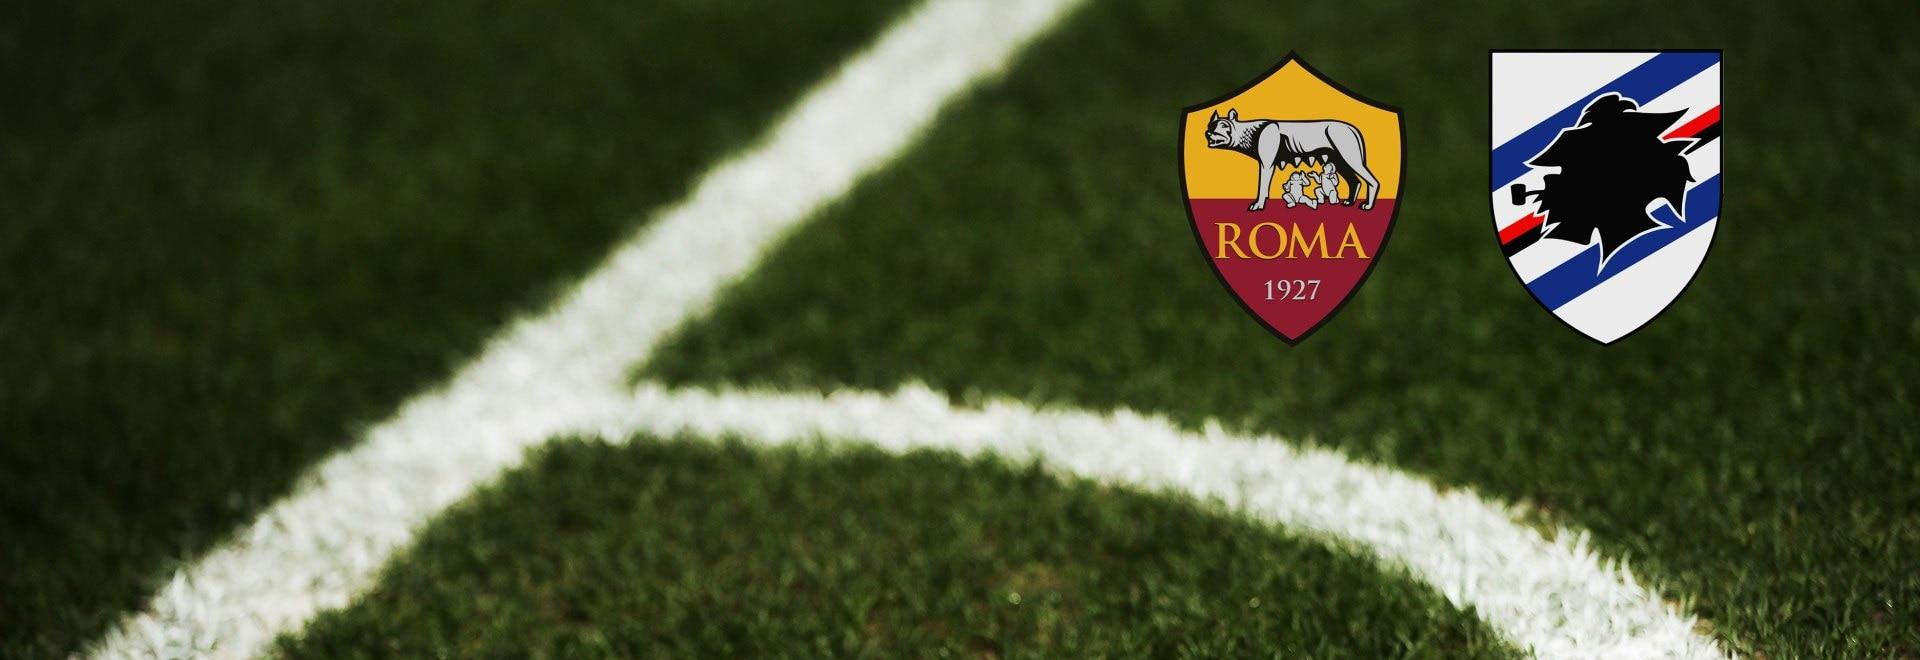 Roma - Sampdoria. 15a g.